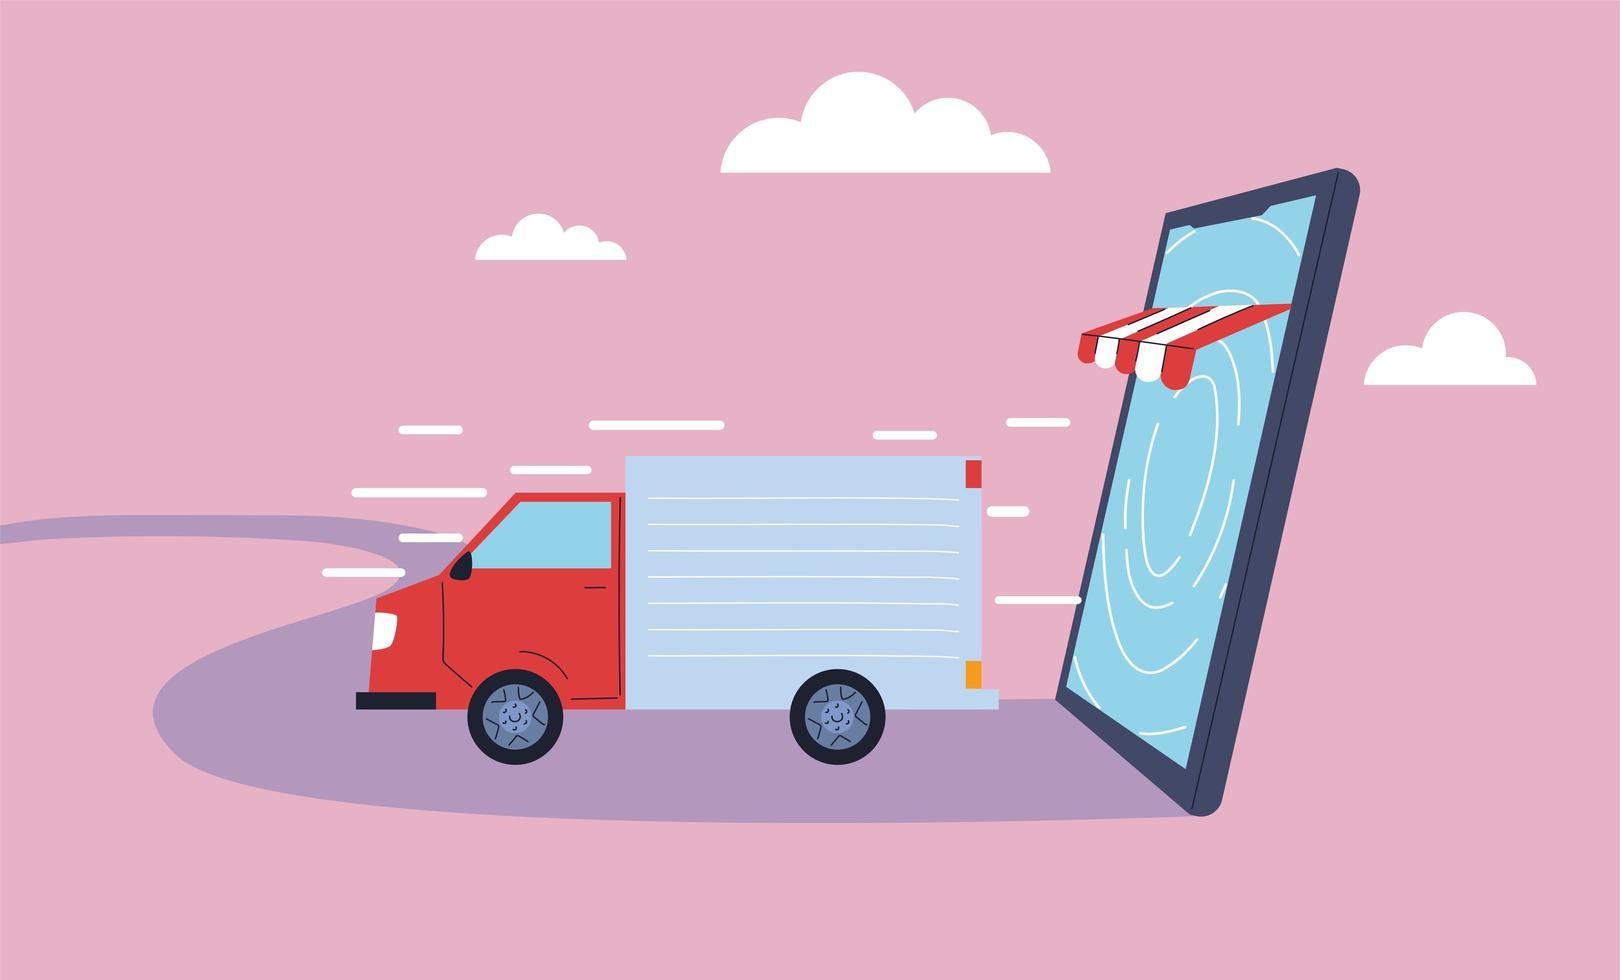 camion di consegna trasporta consegne alle persone vettore